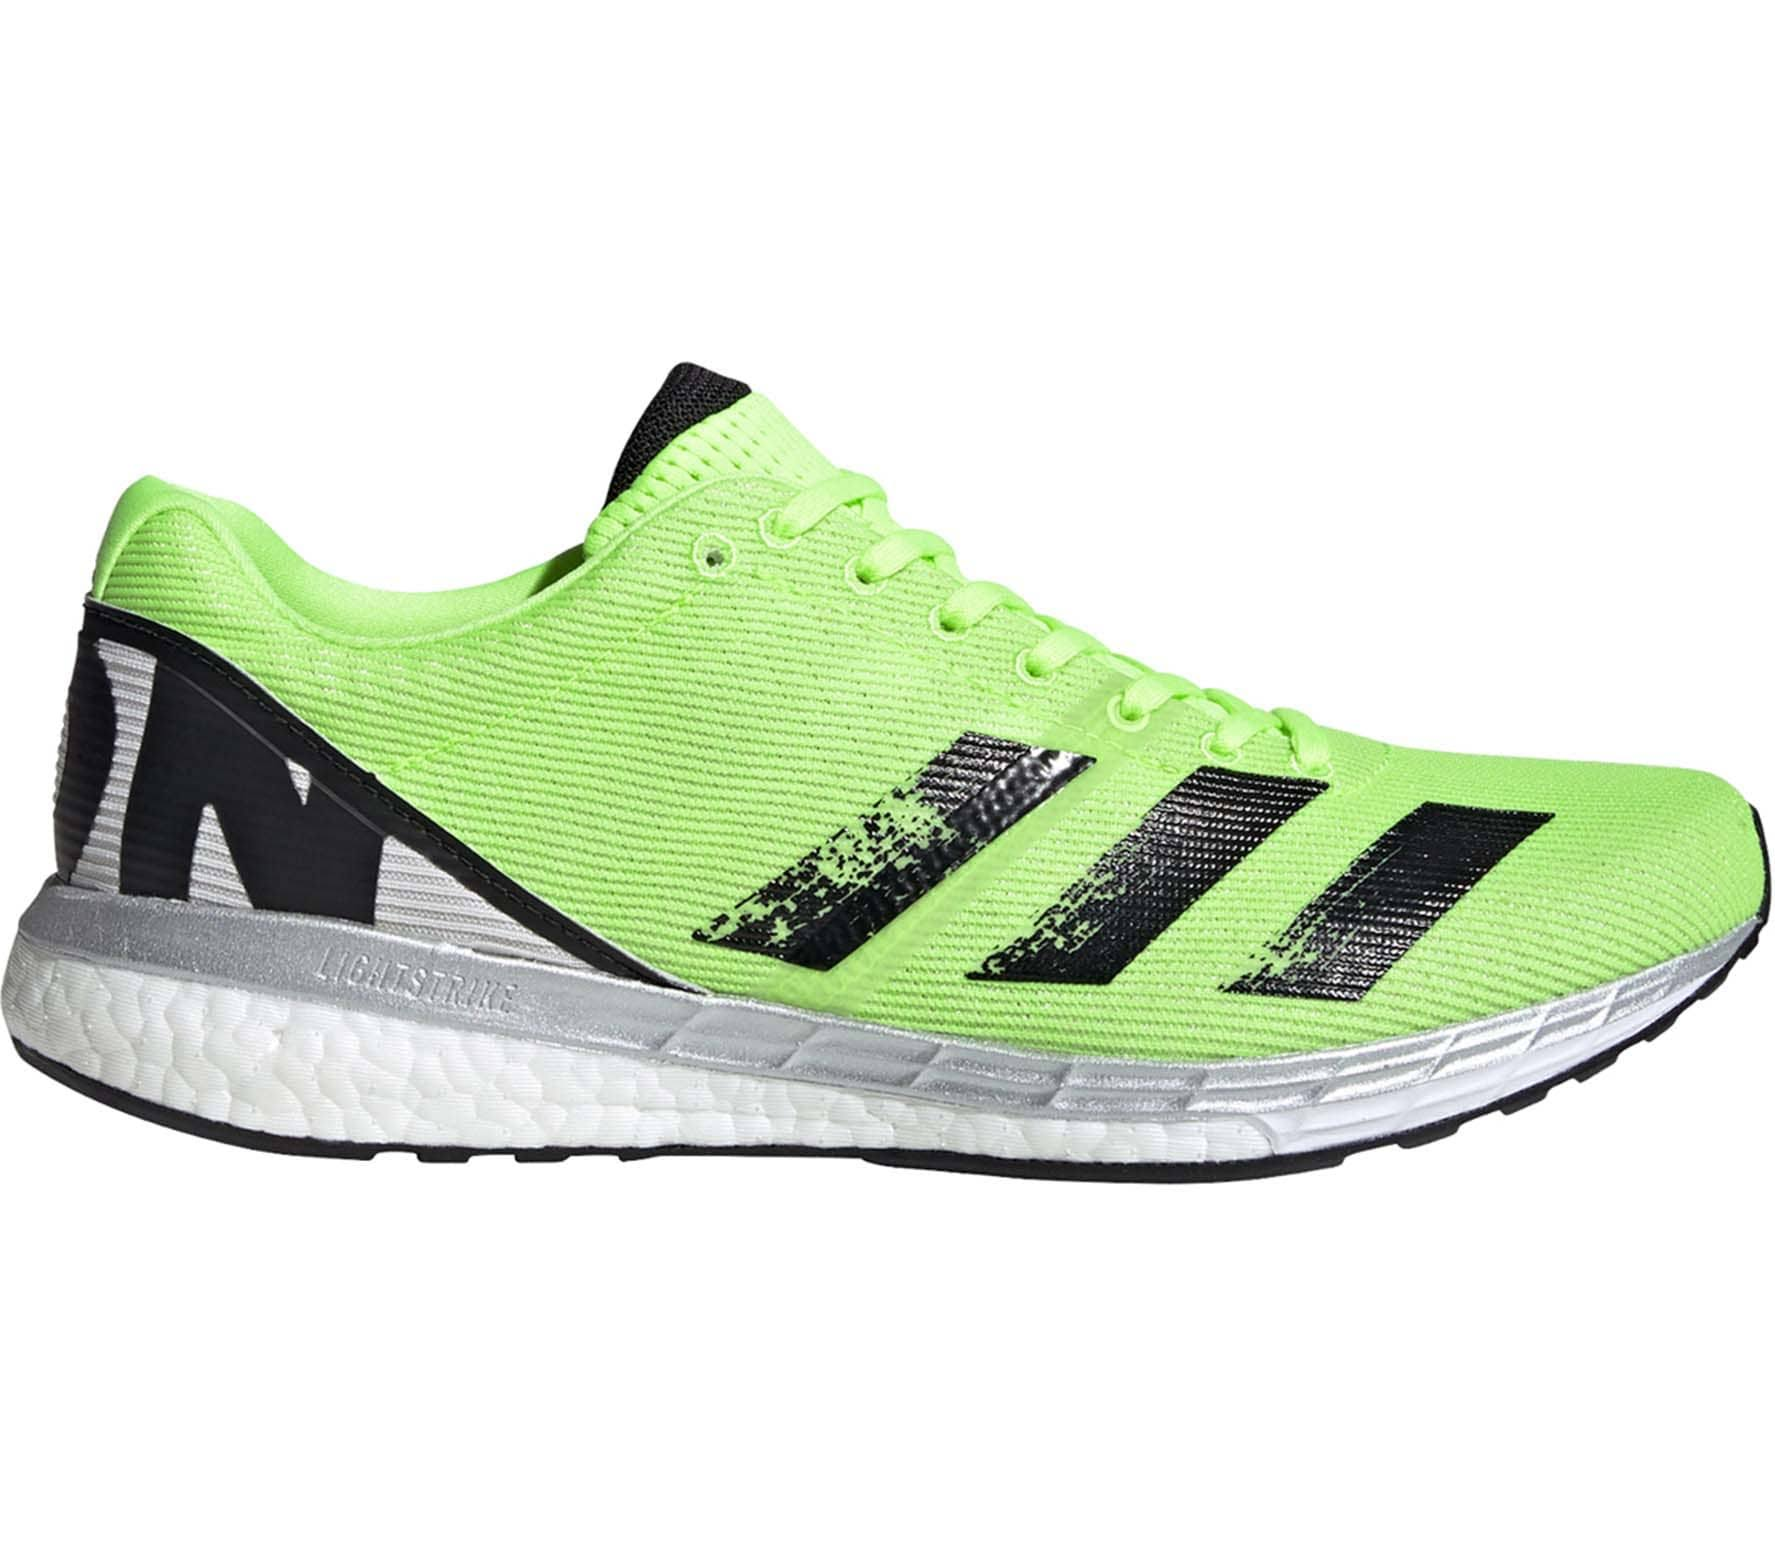 Adidas Adizero Boston 8 Running Shoes - Green - 9